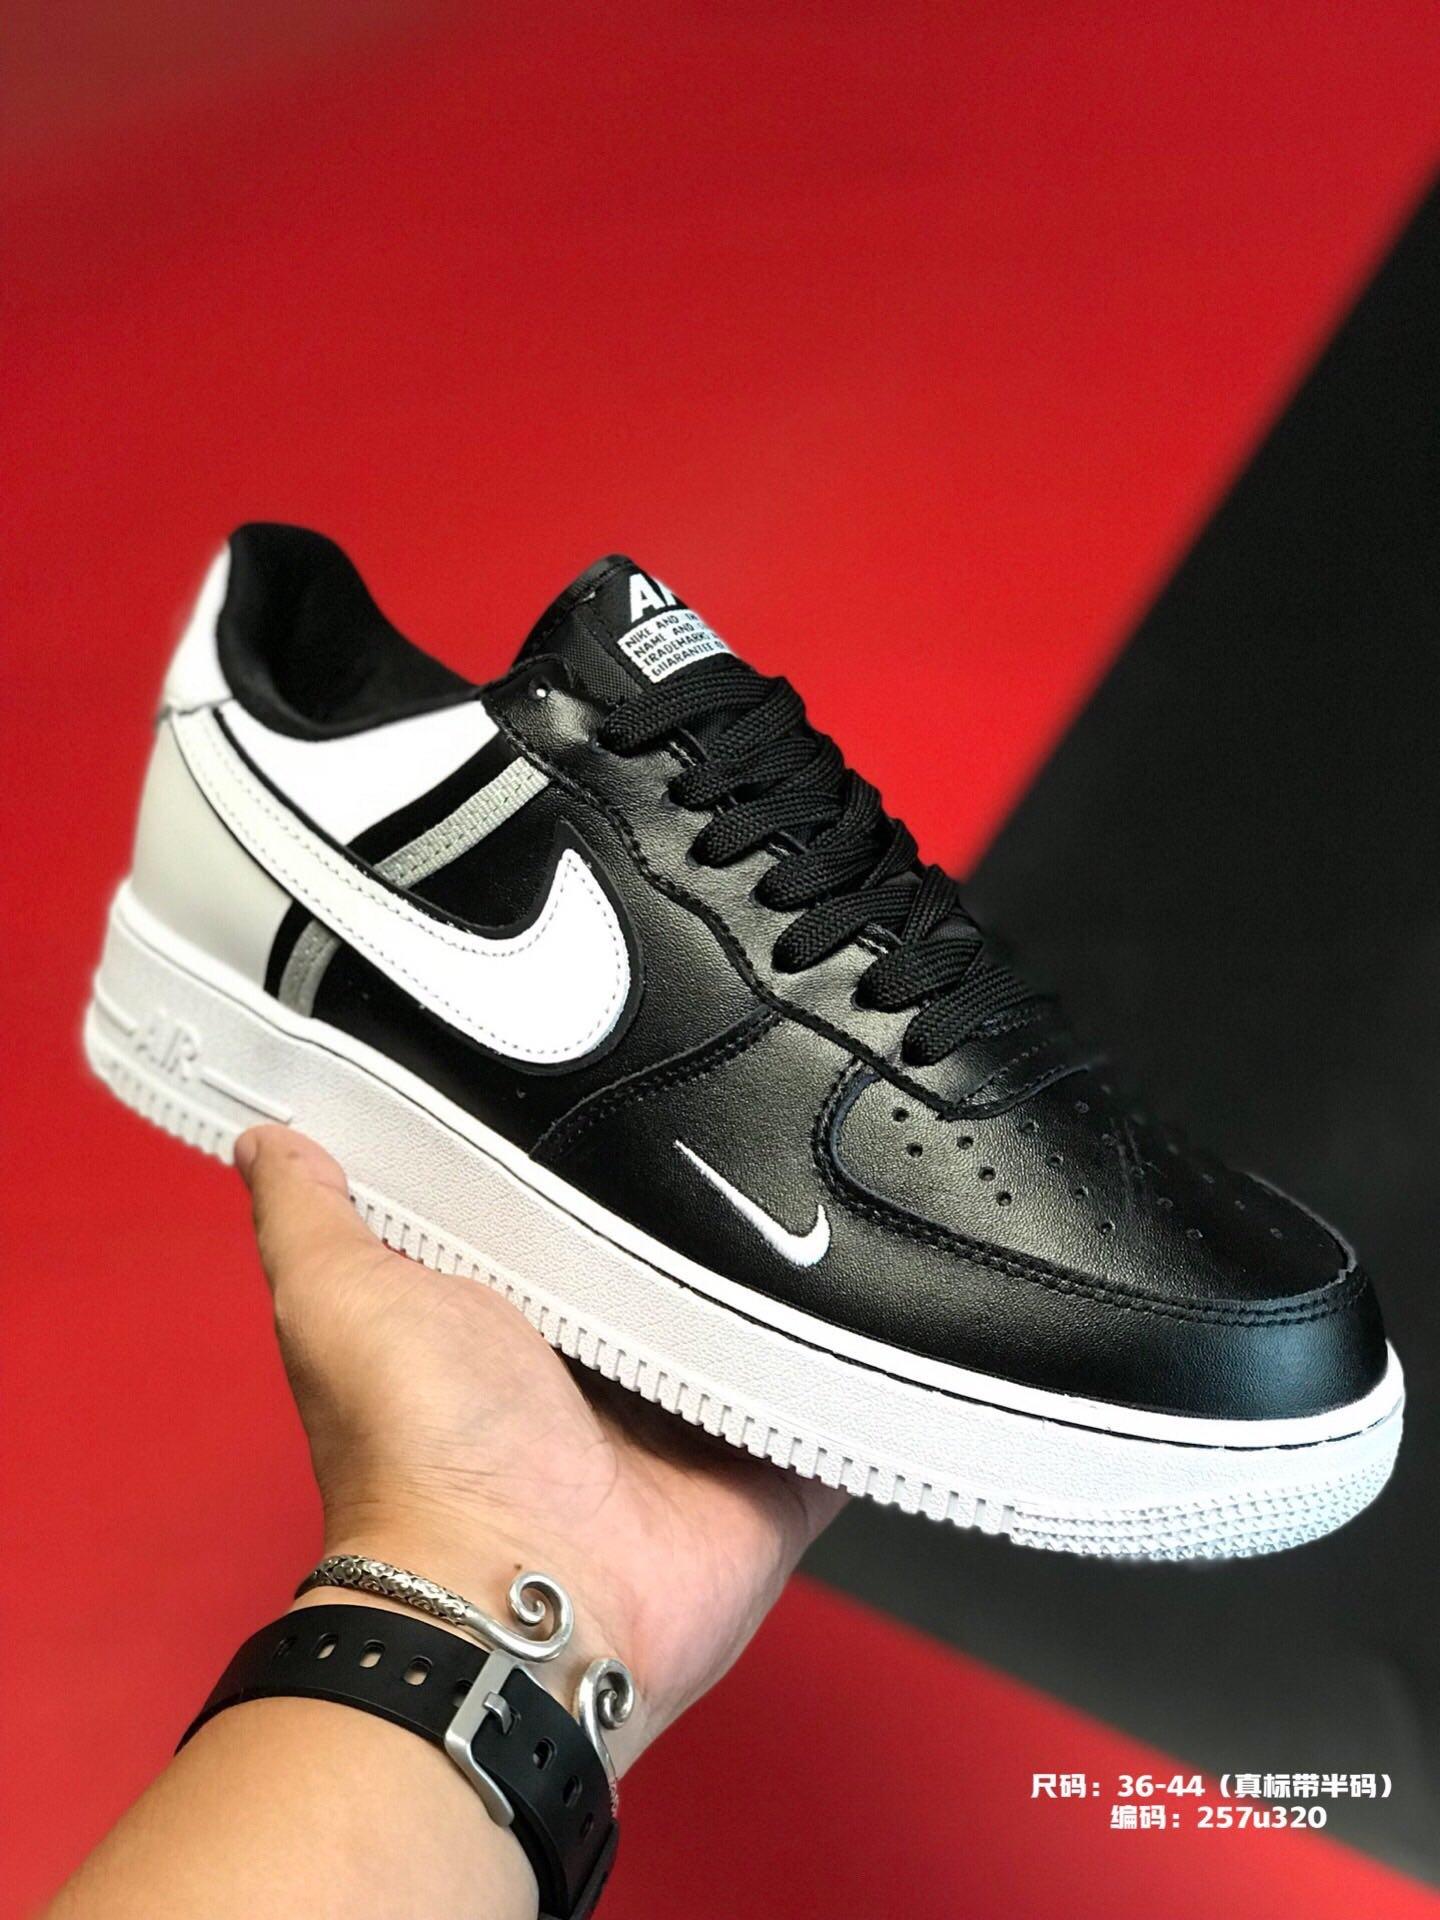 ?240集合图尺码:36-44(真标带半码)品牌:耐克 Nike简介:  Nike Air Force 1 原盒真标 官方主打 拼色真皮拼接 空军一号板鞋编码:257u320